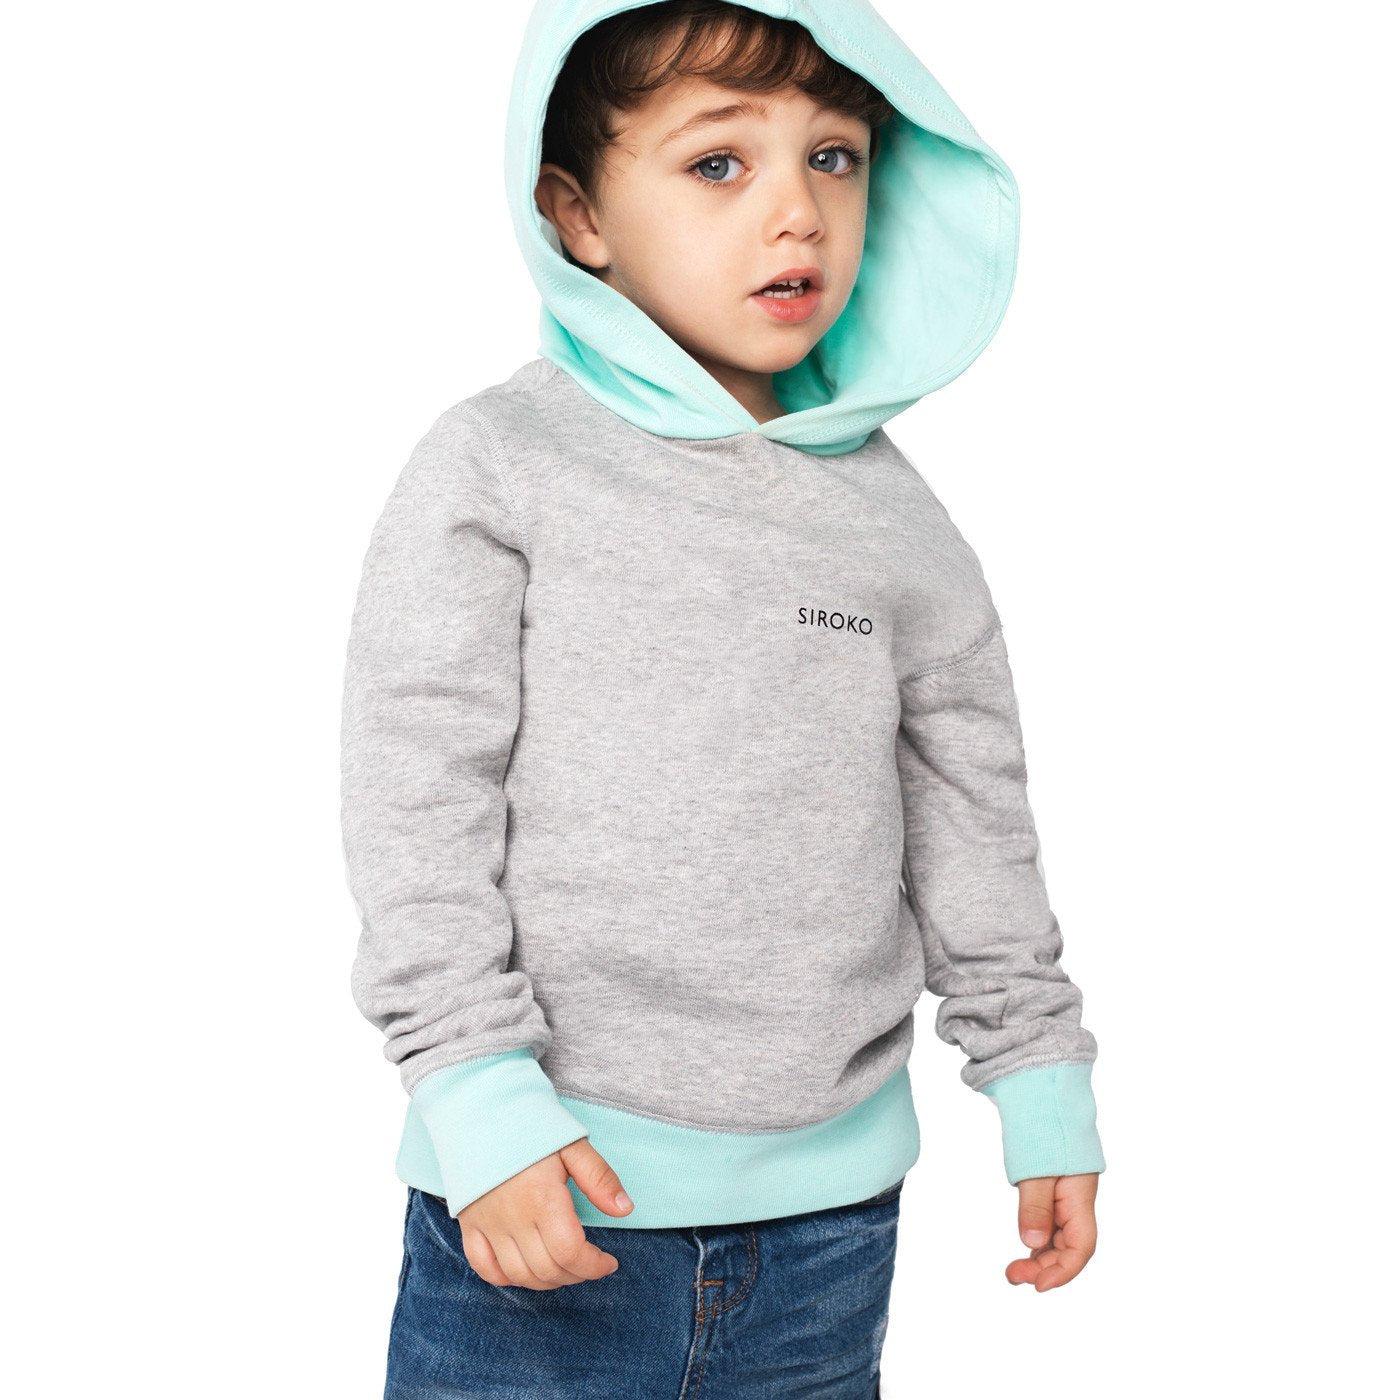 SIROKO -50% Kid's Hoodie Siroko Pirate Kid